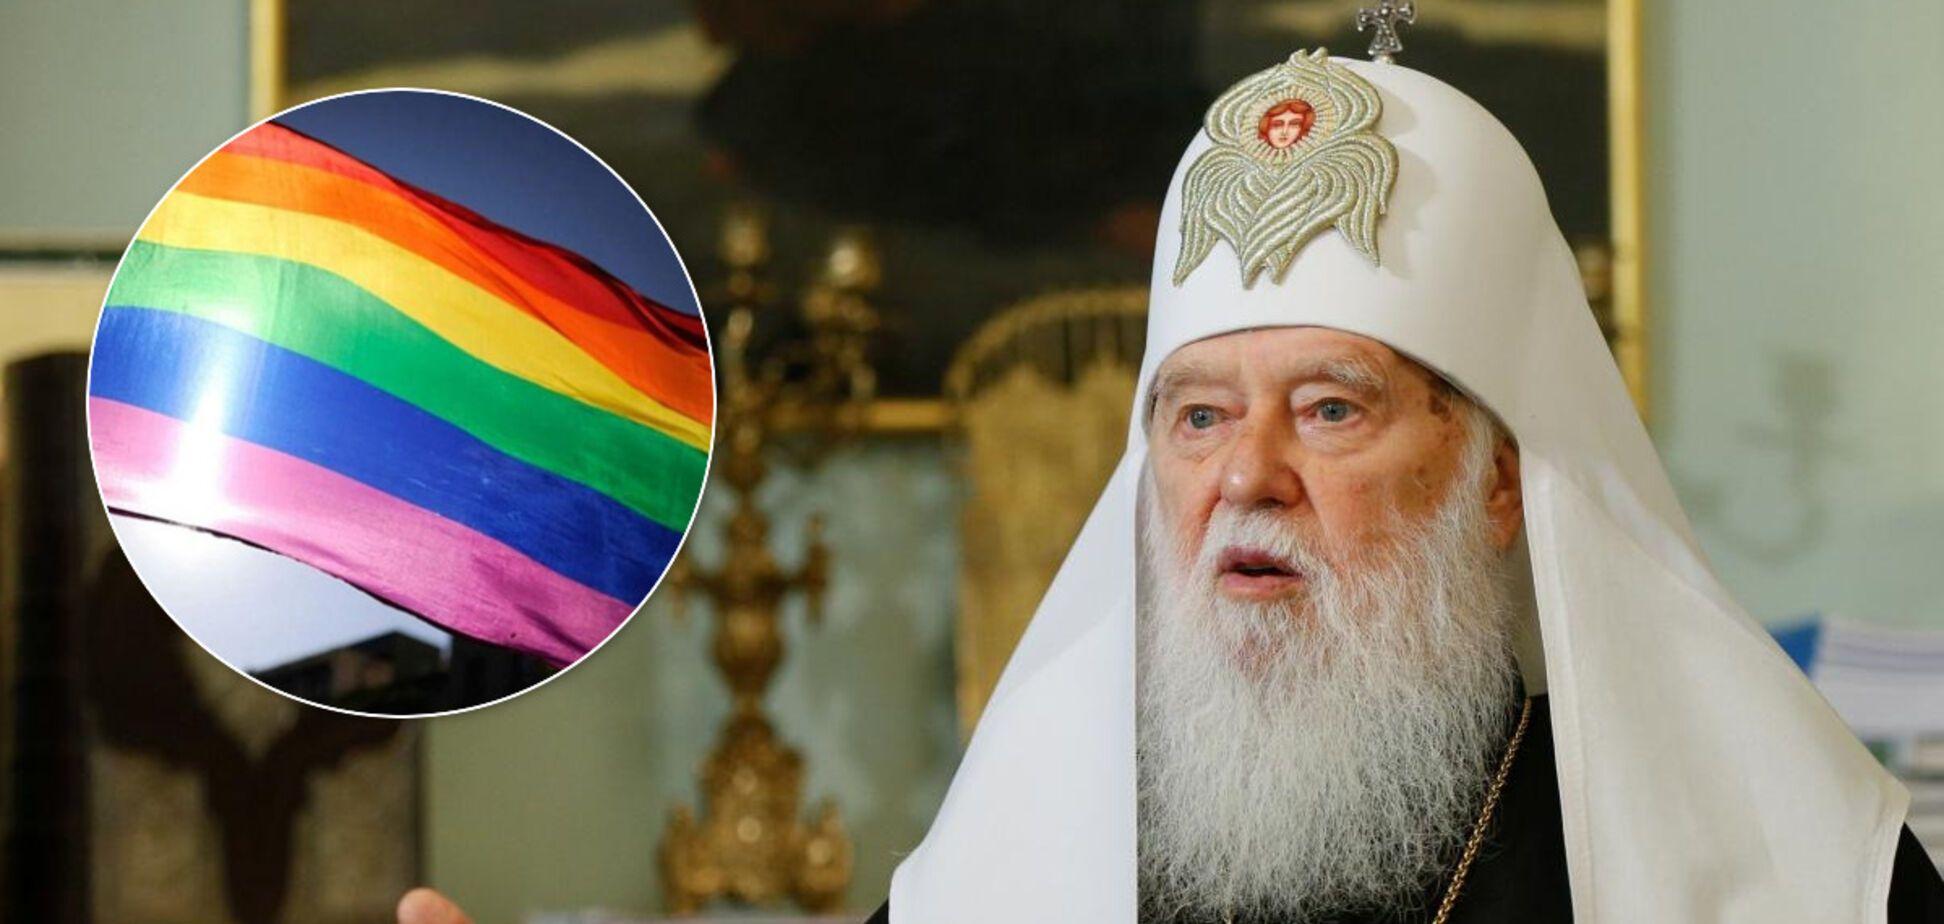 Филарет объявил причиной коронавируса однополые браки. Видео скандального заявления